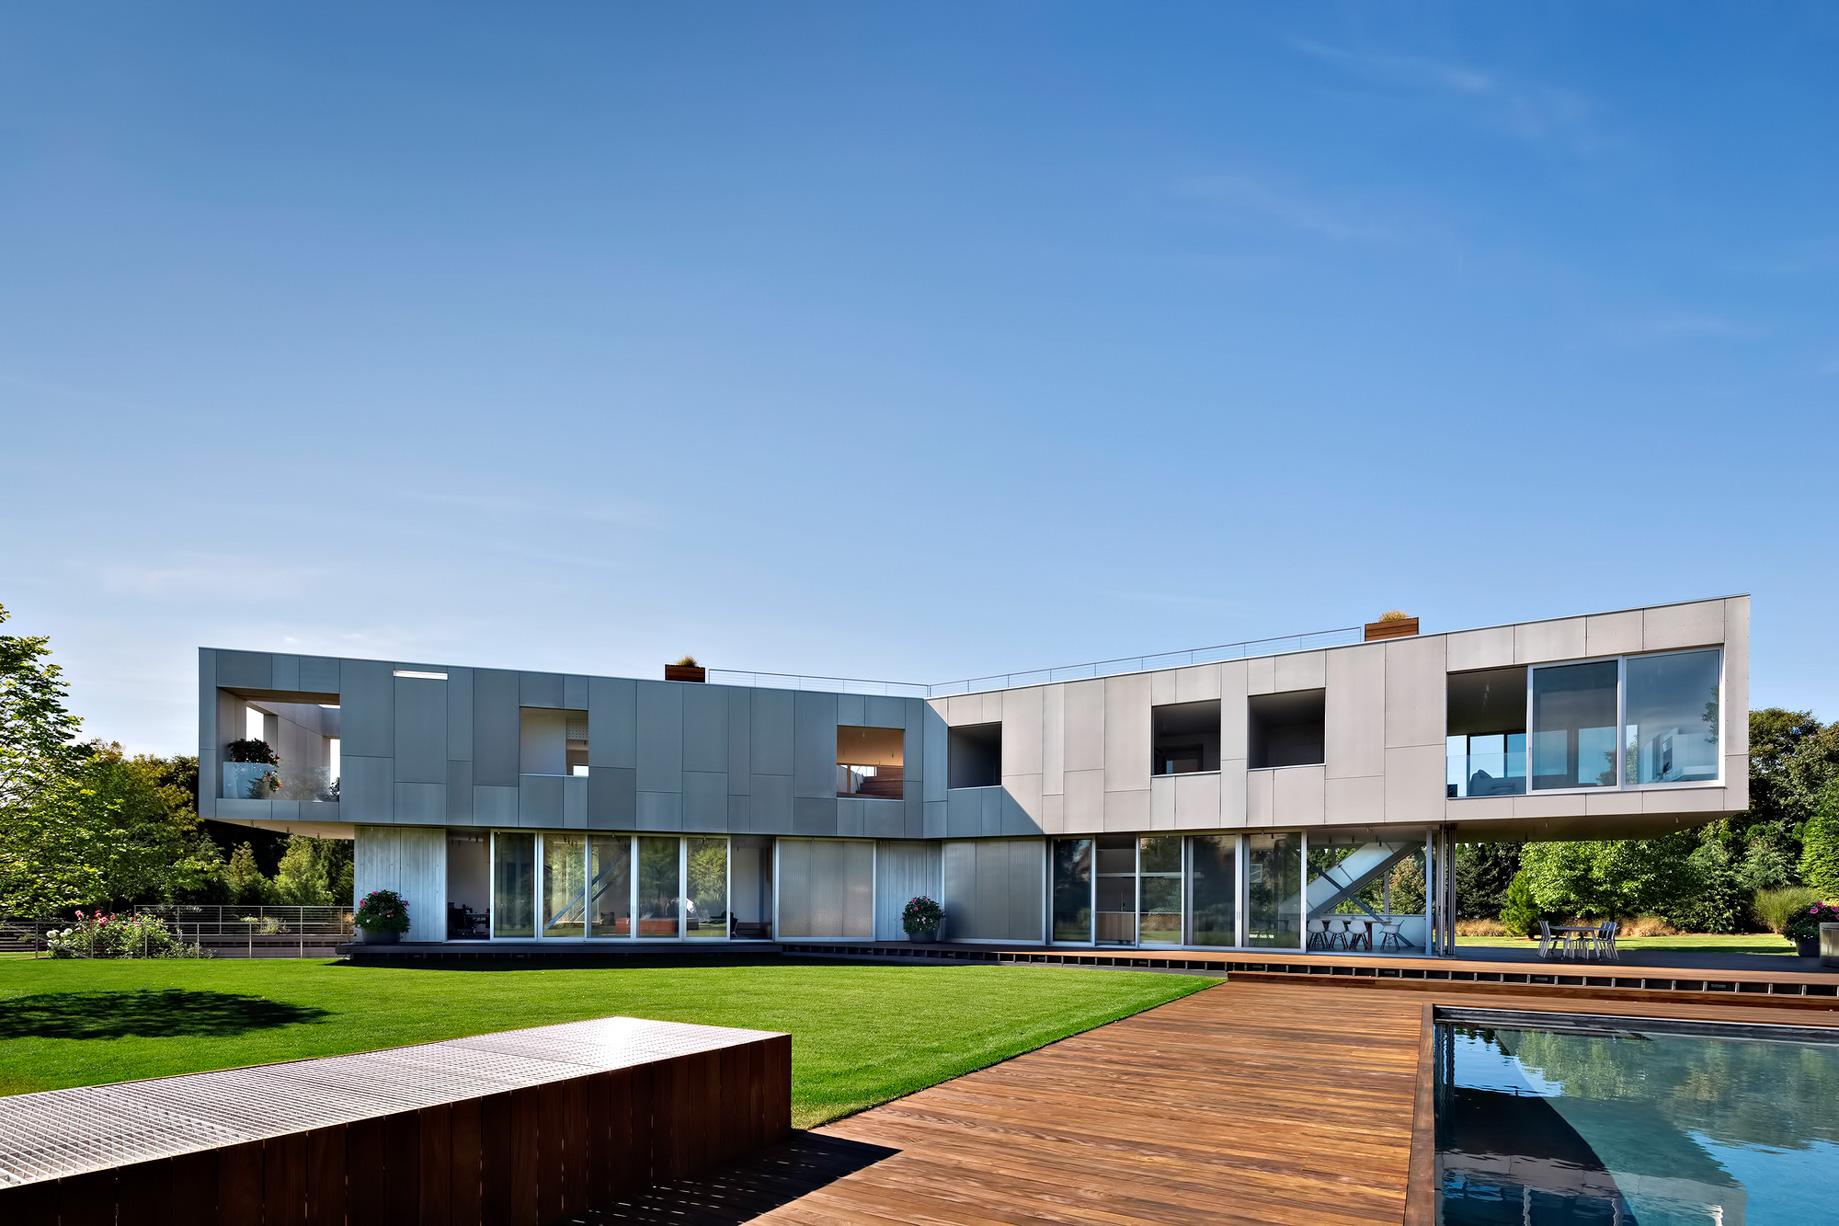 Amagansett Beach House – St Marys Ln, East Hampton, NY, USA